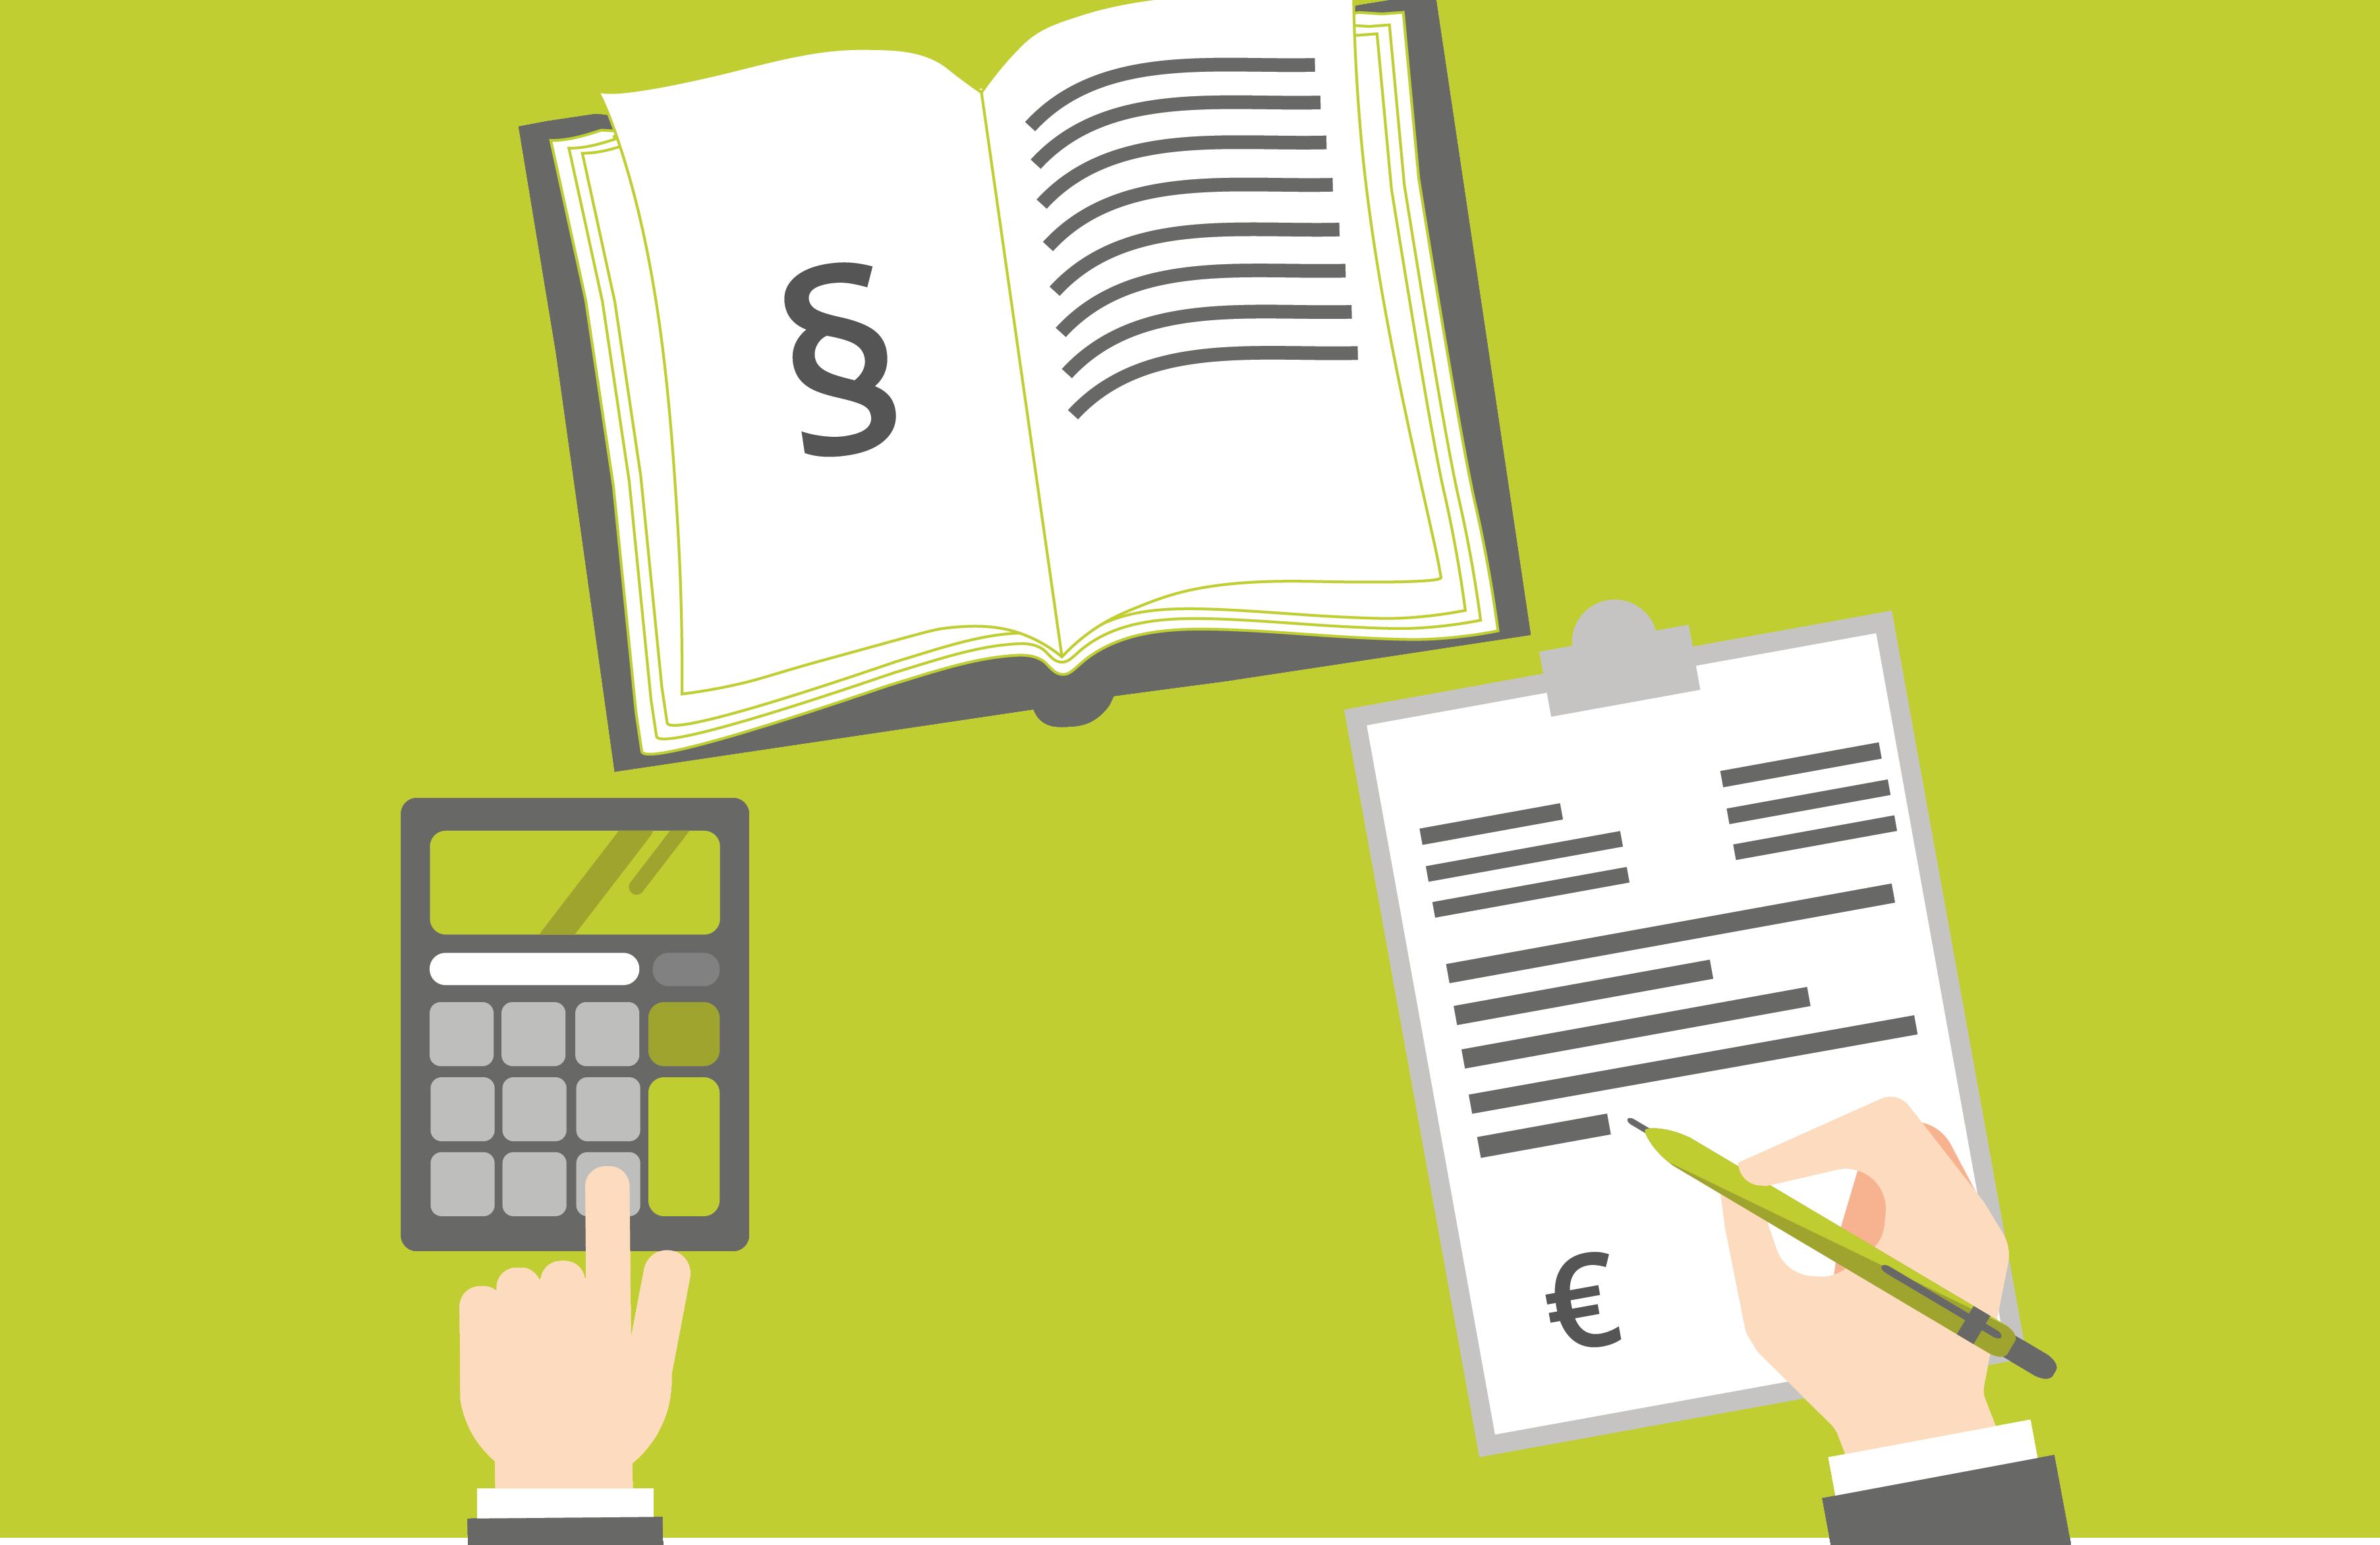 Rechnungserstellung Illustration